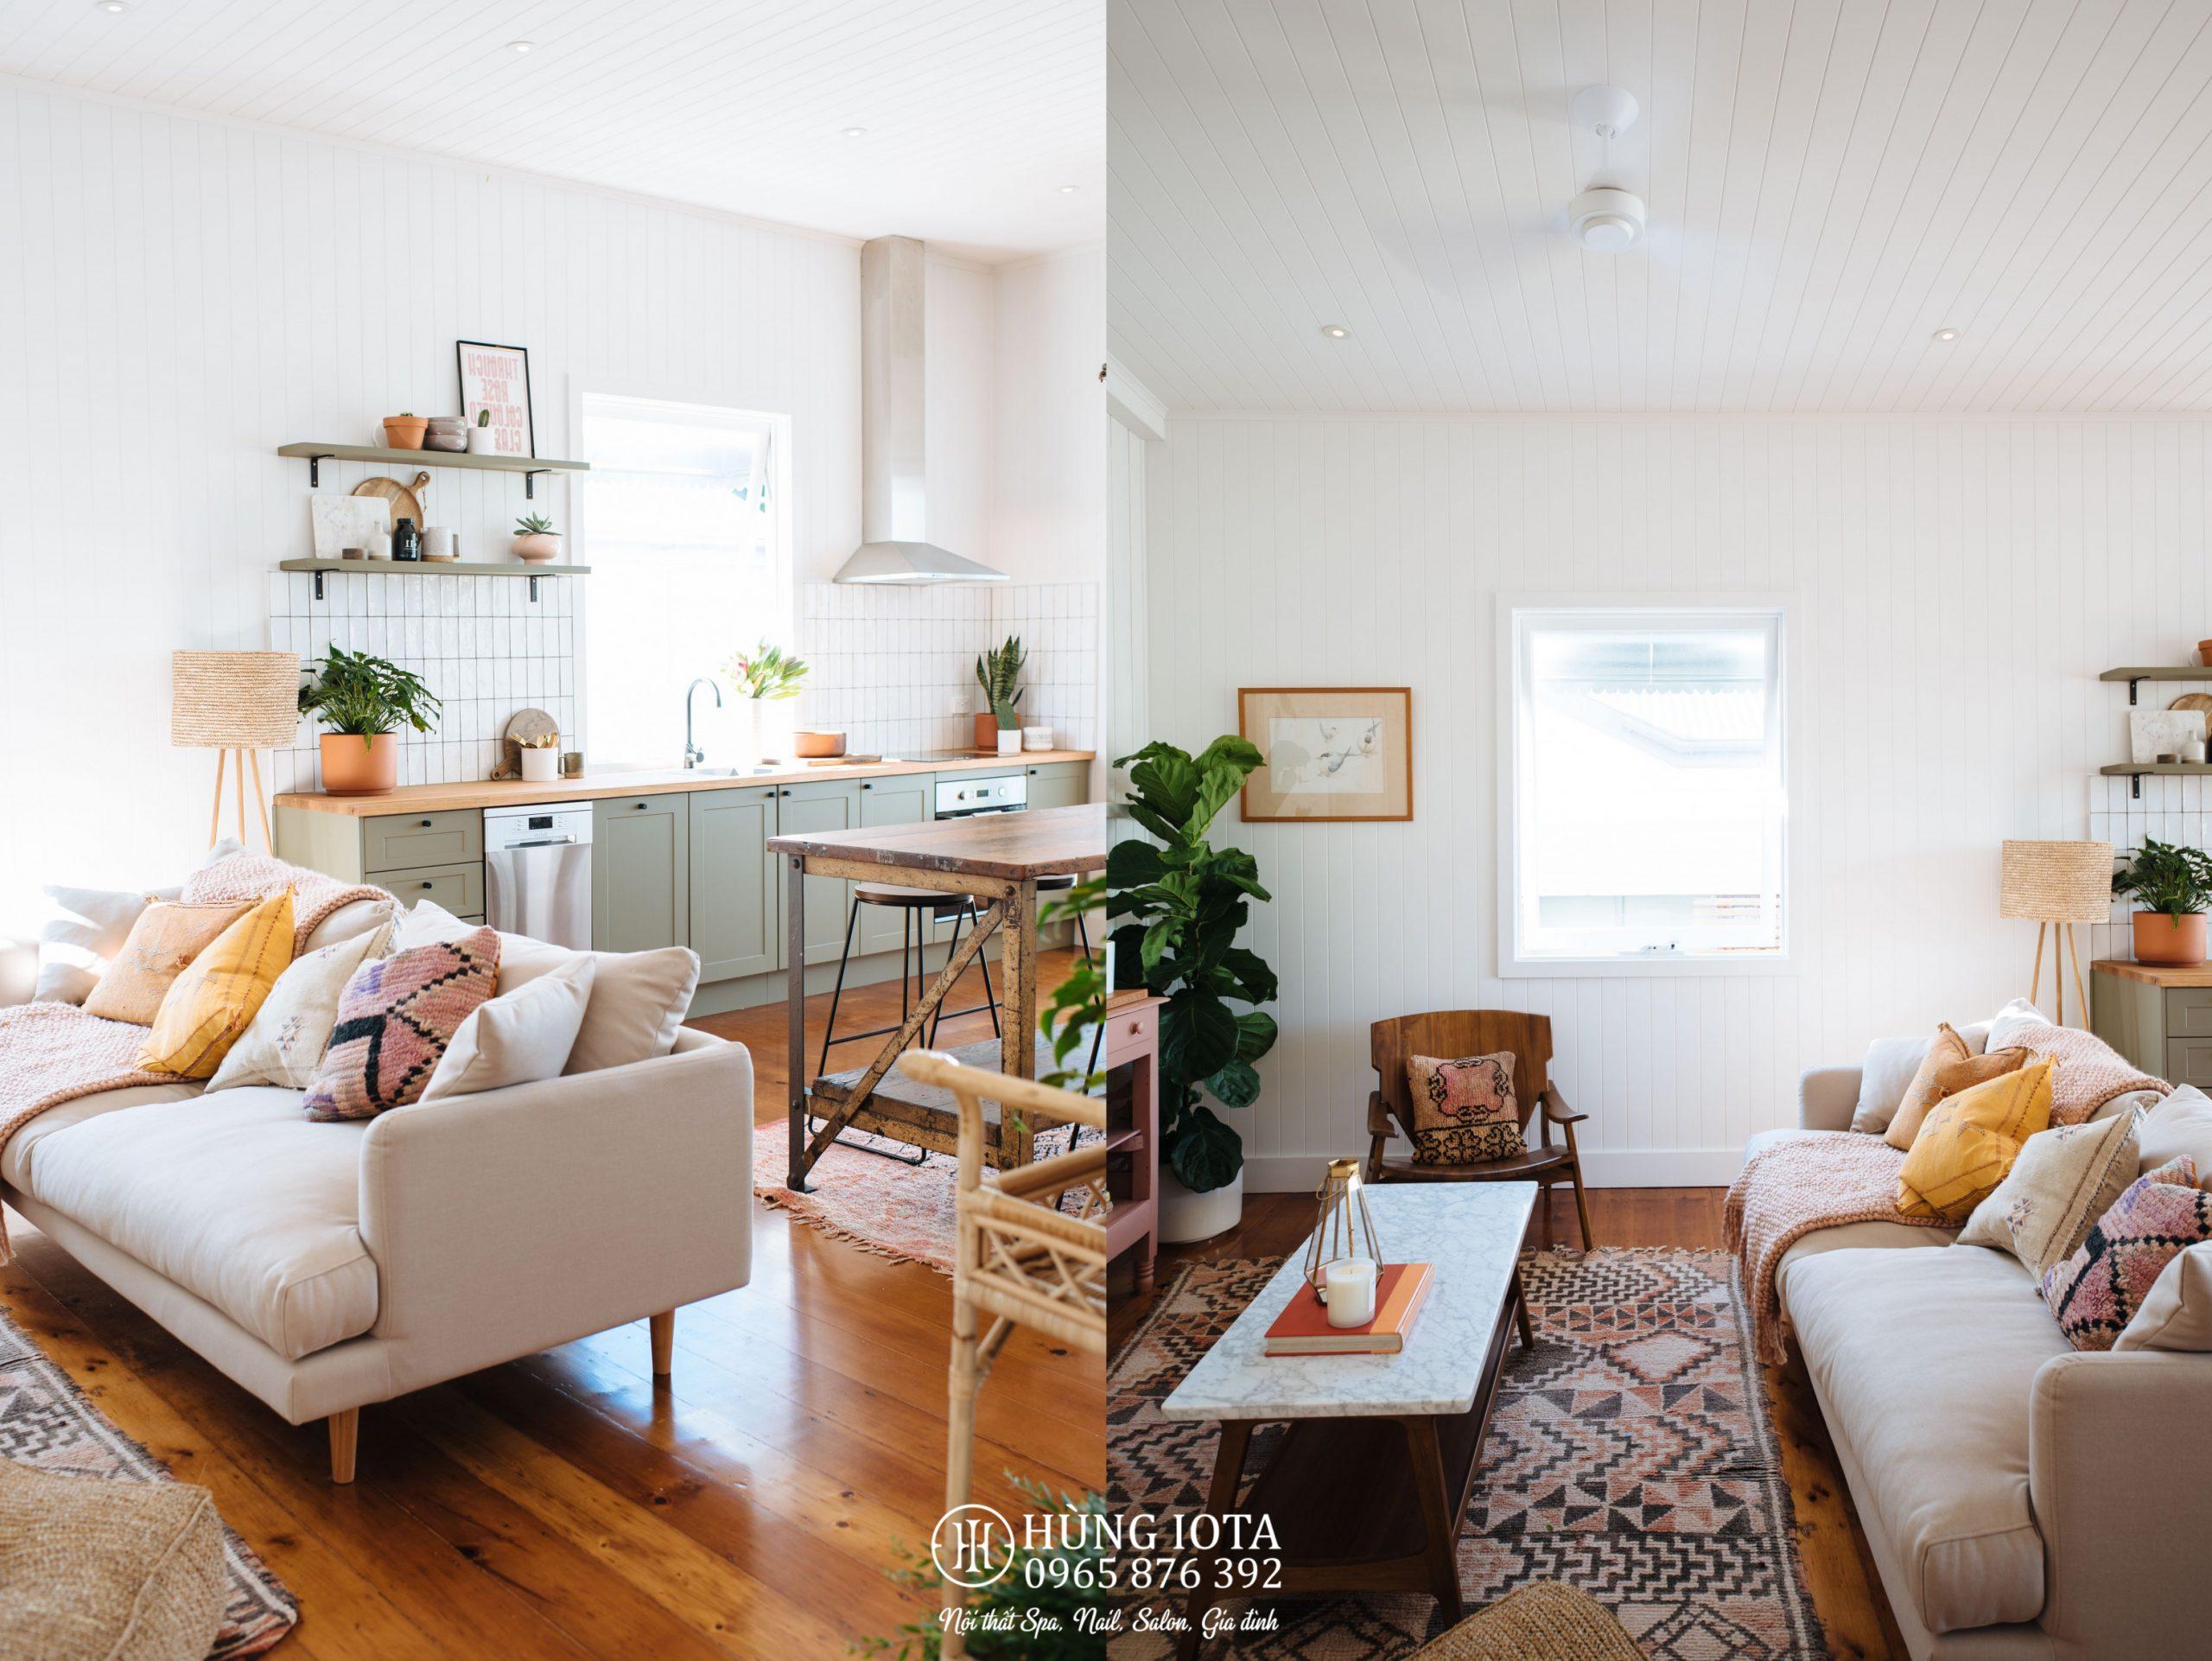 Sofa chung cư màu trắng hồng decor đep giá tại xưởng